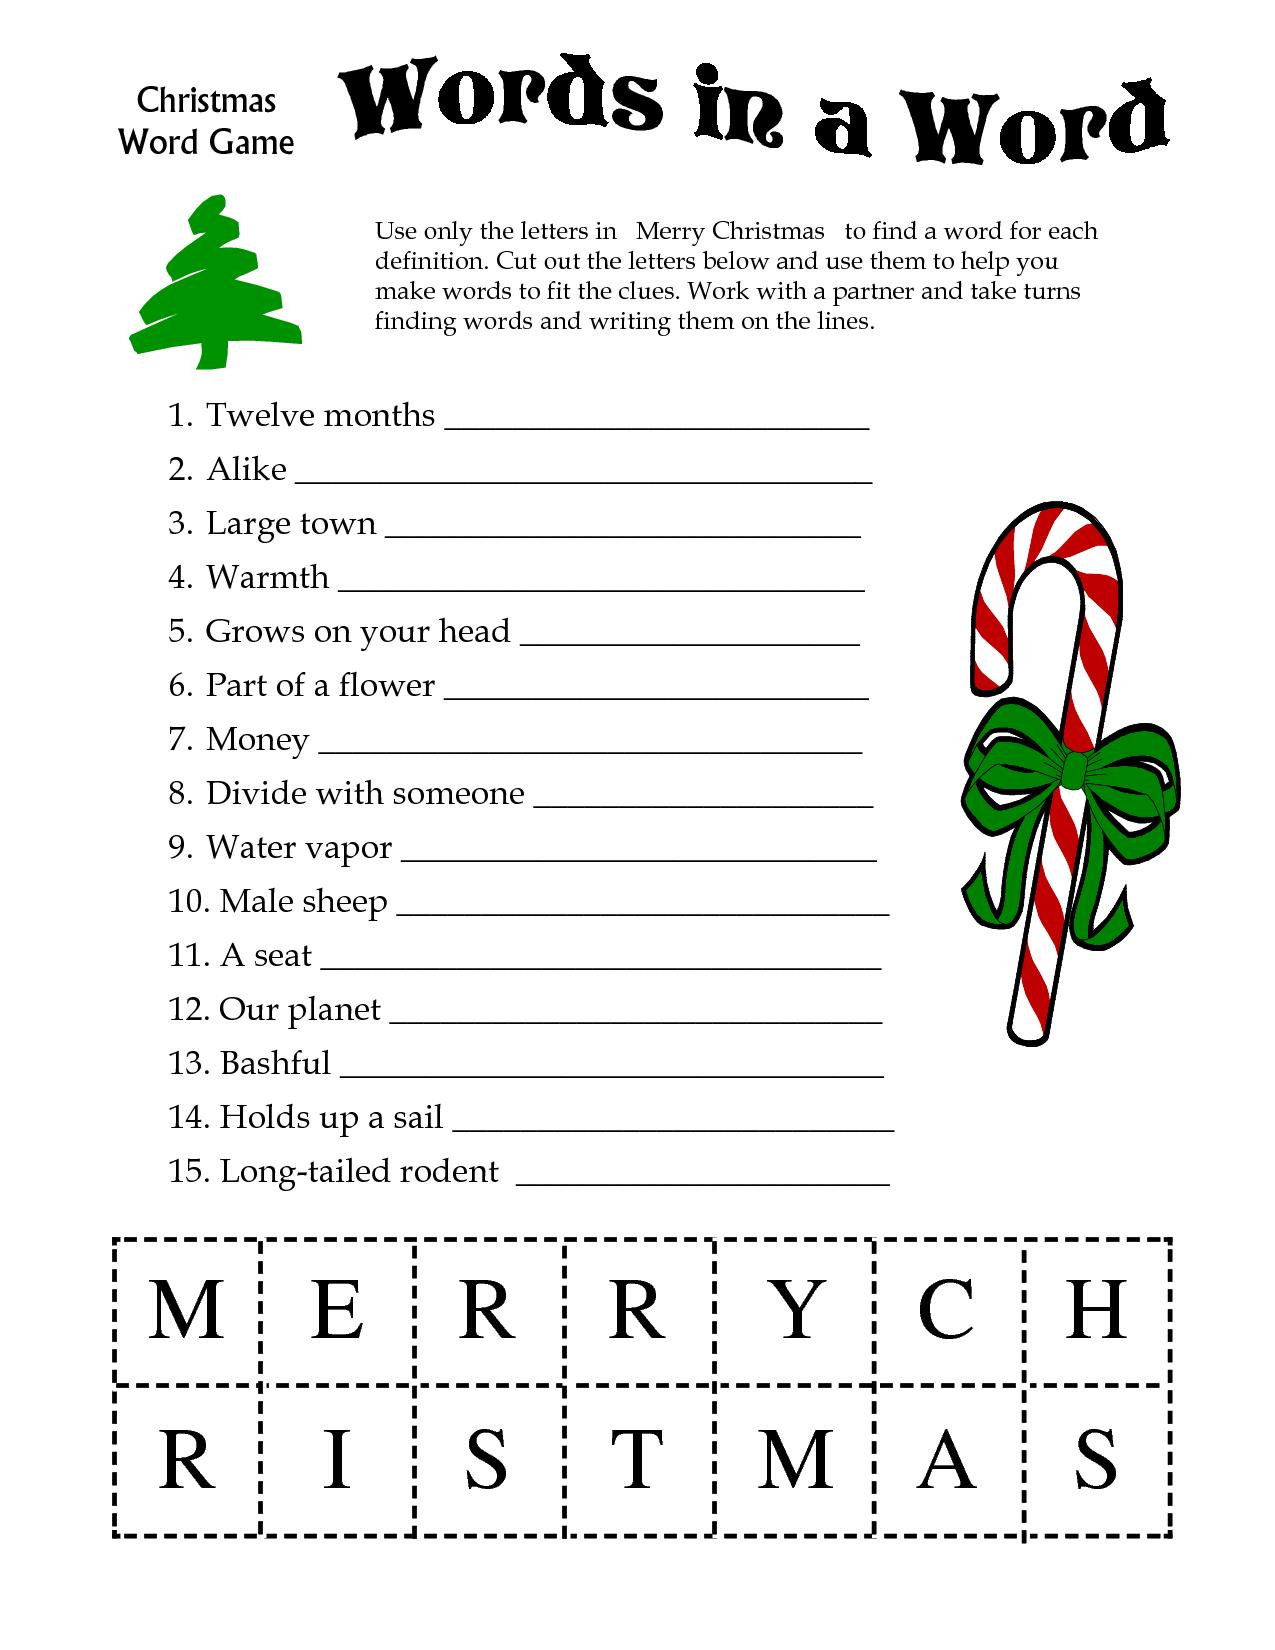 Free Printable Word Games For Christmas – Festival Collections - Free Printable Word Games